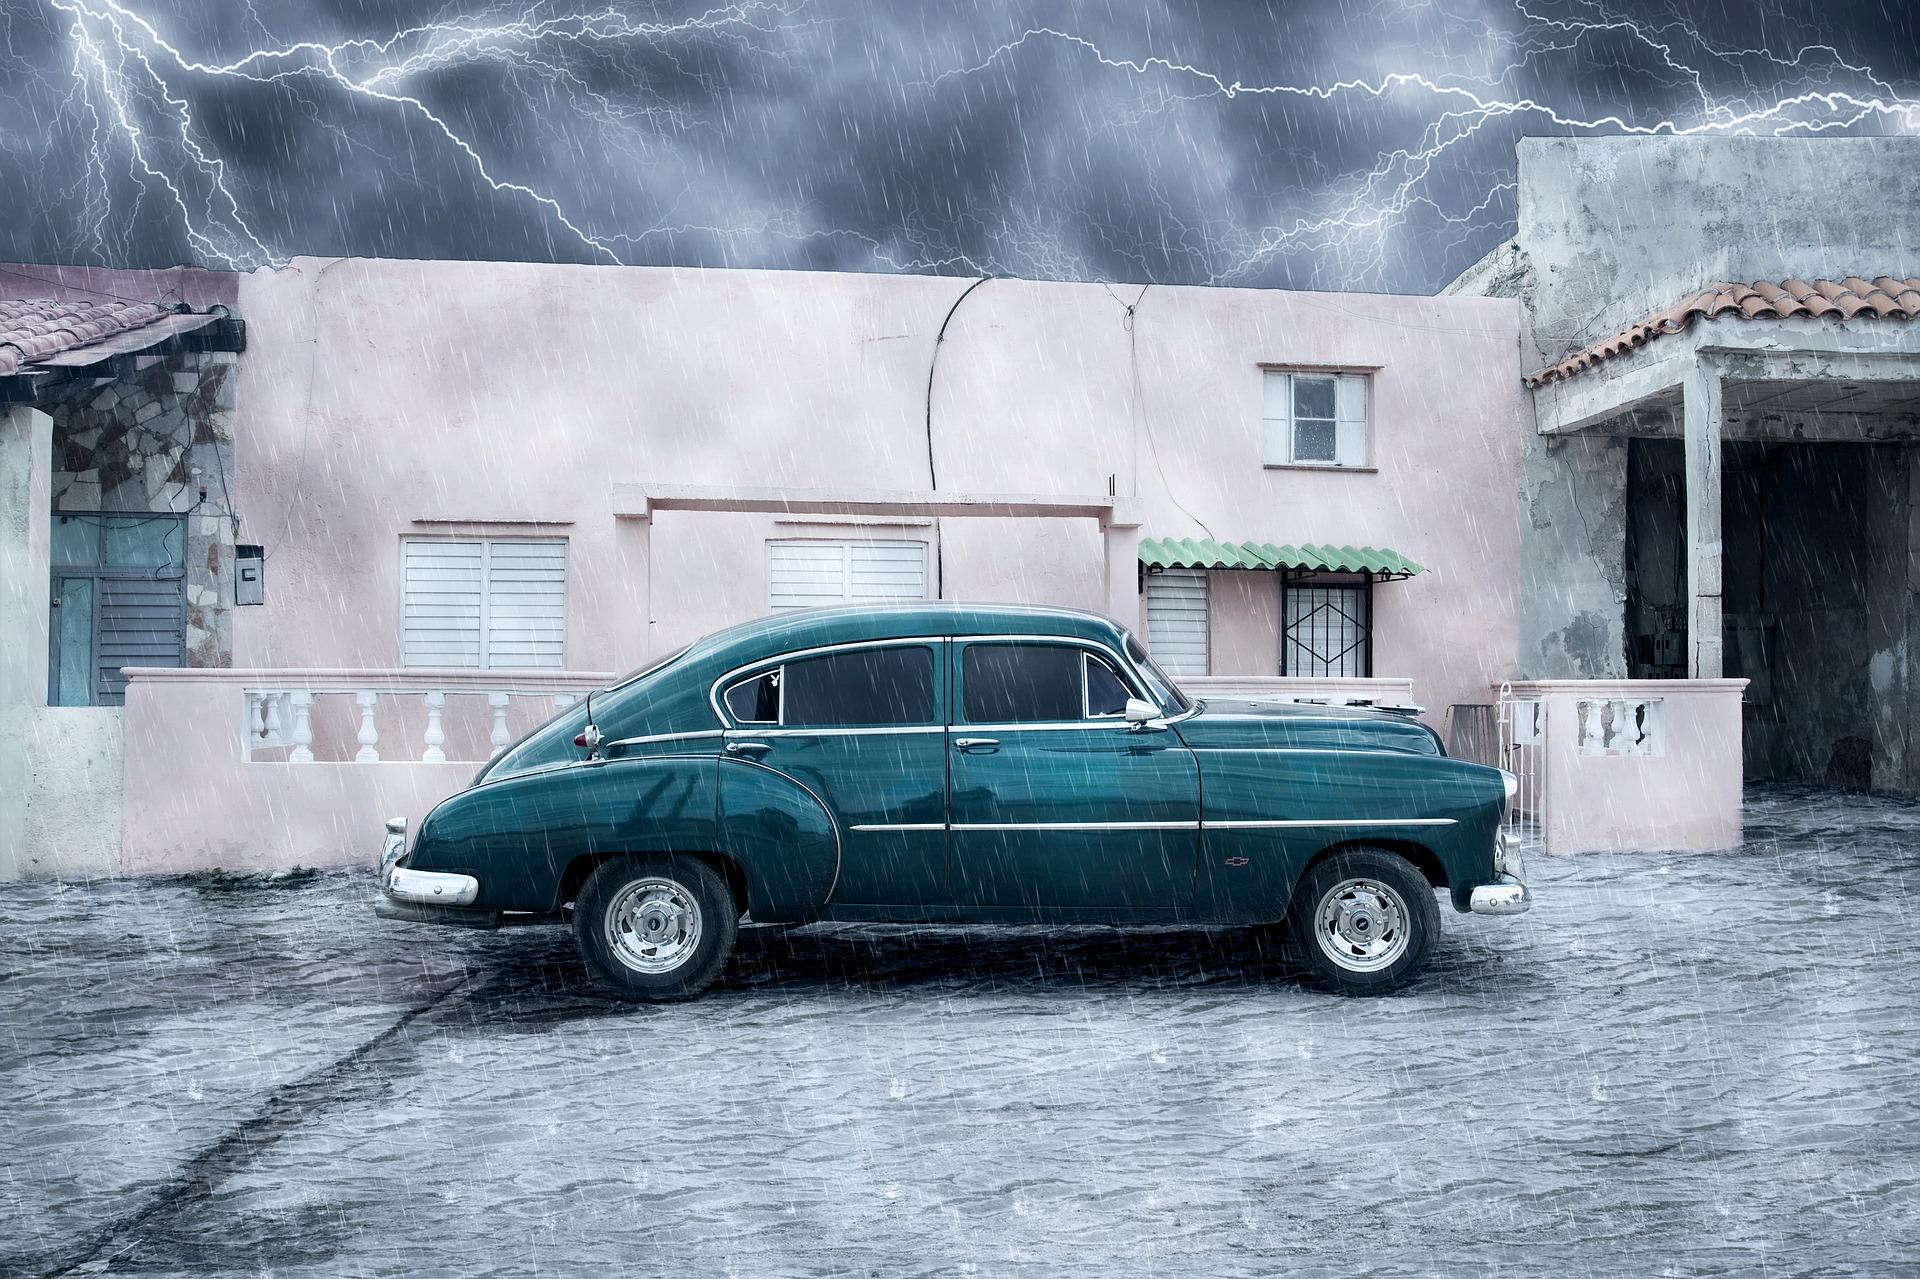 Überschwemmungsschaden am Auto Symbolbild: Nick_H via Pixabay